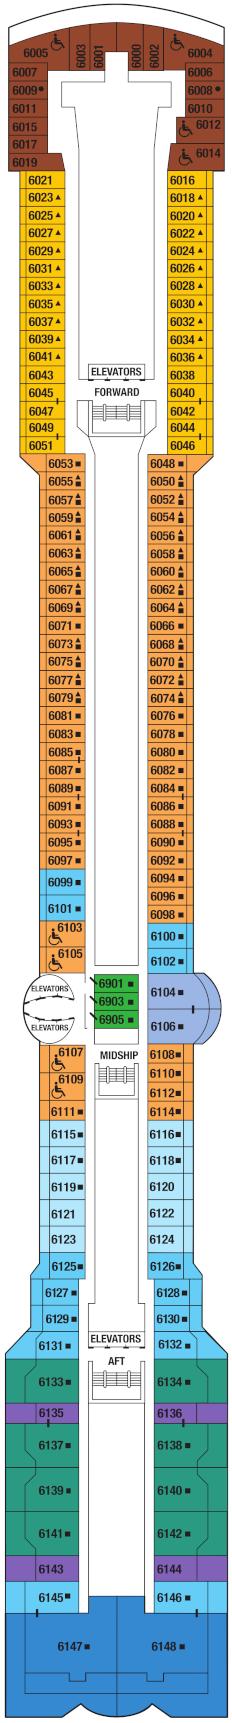 Celebrity Millennium Deck 6 Deck Plan